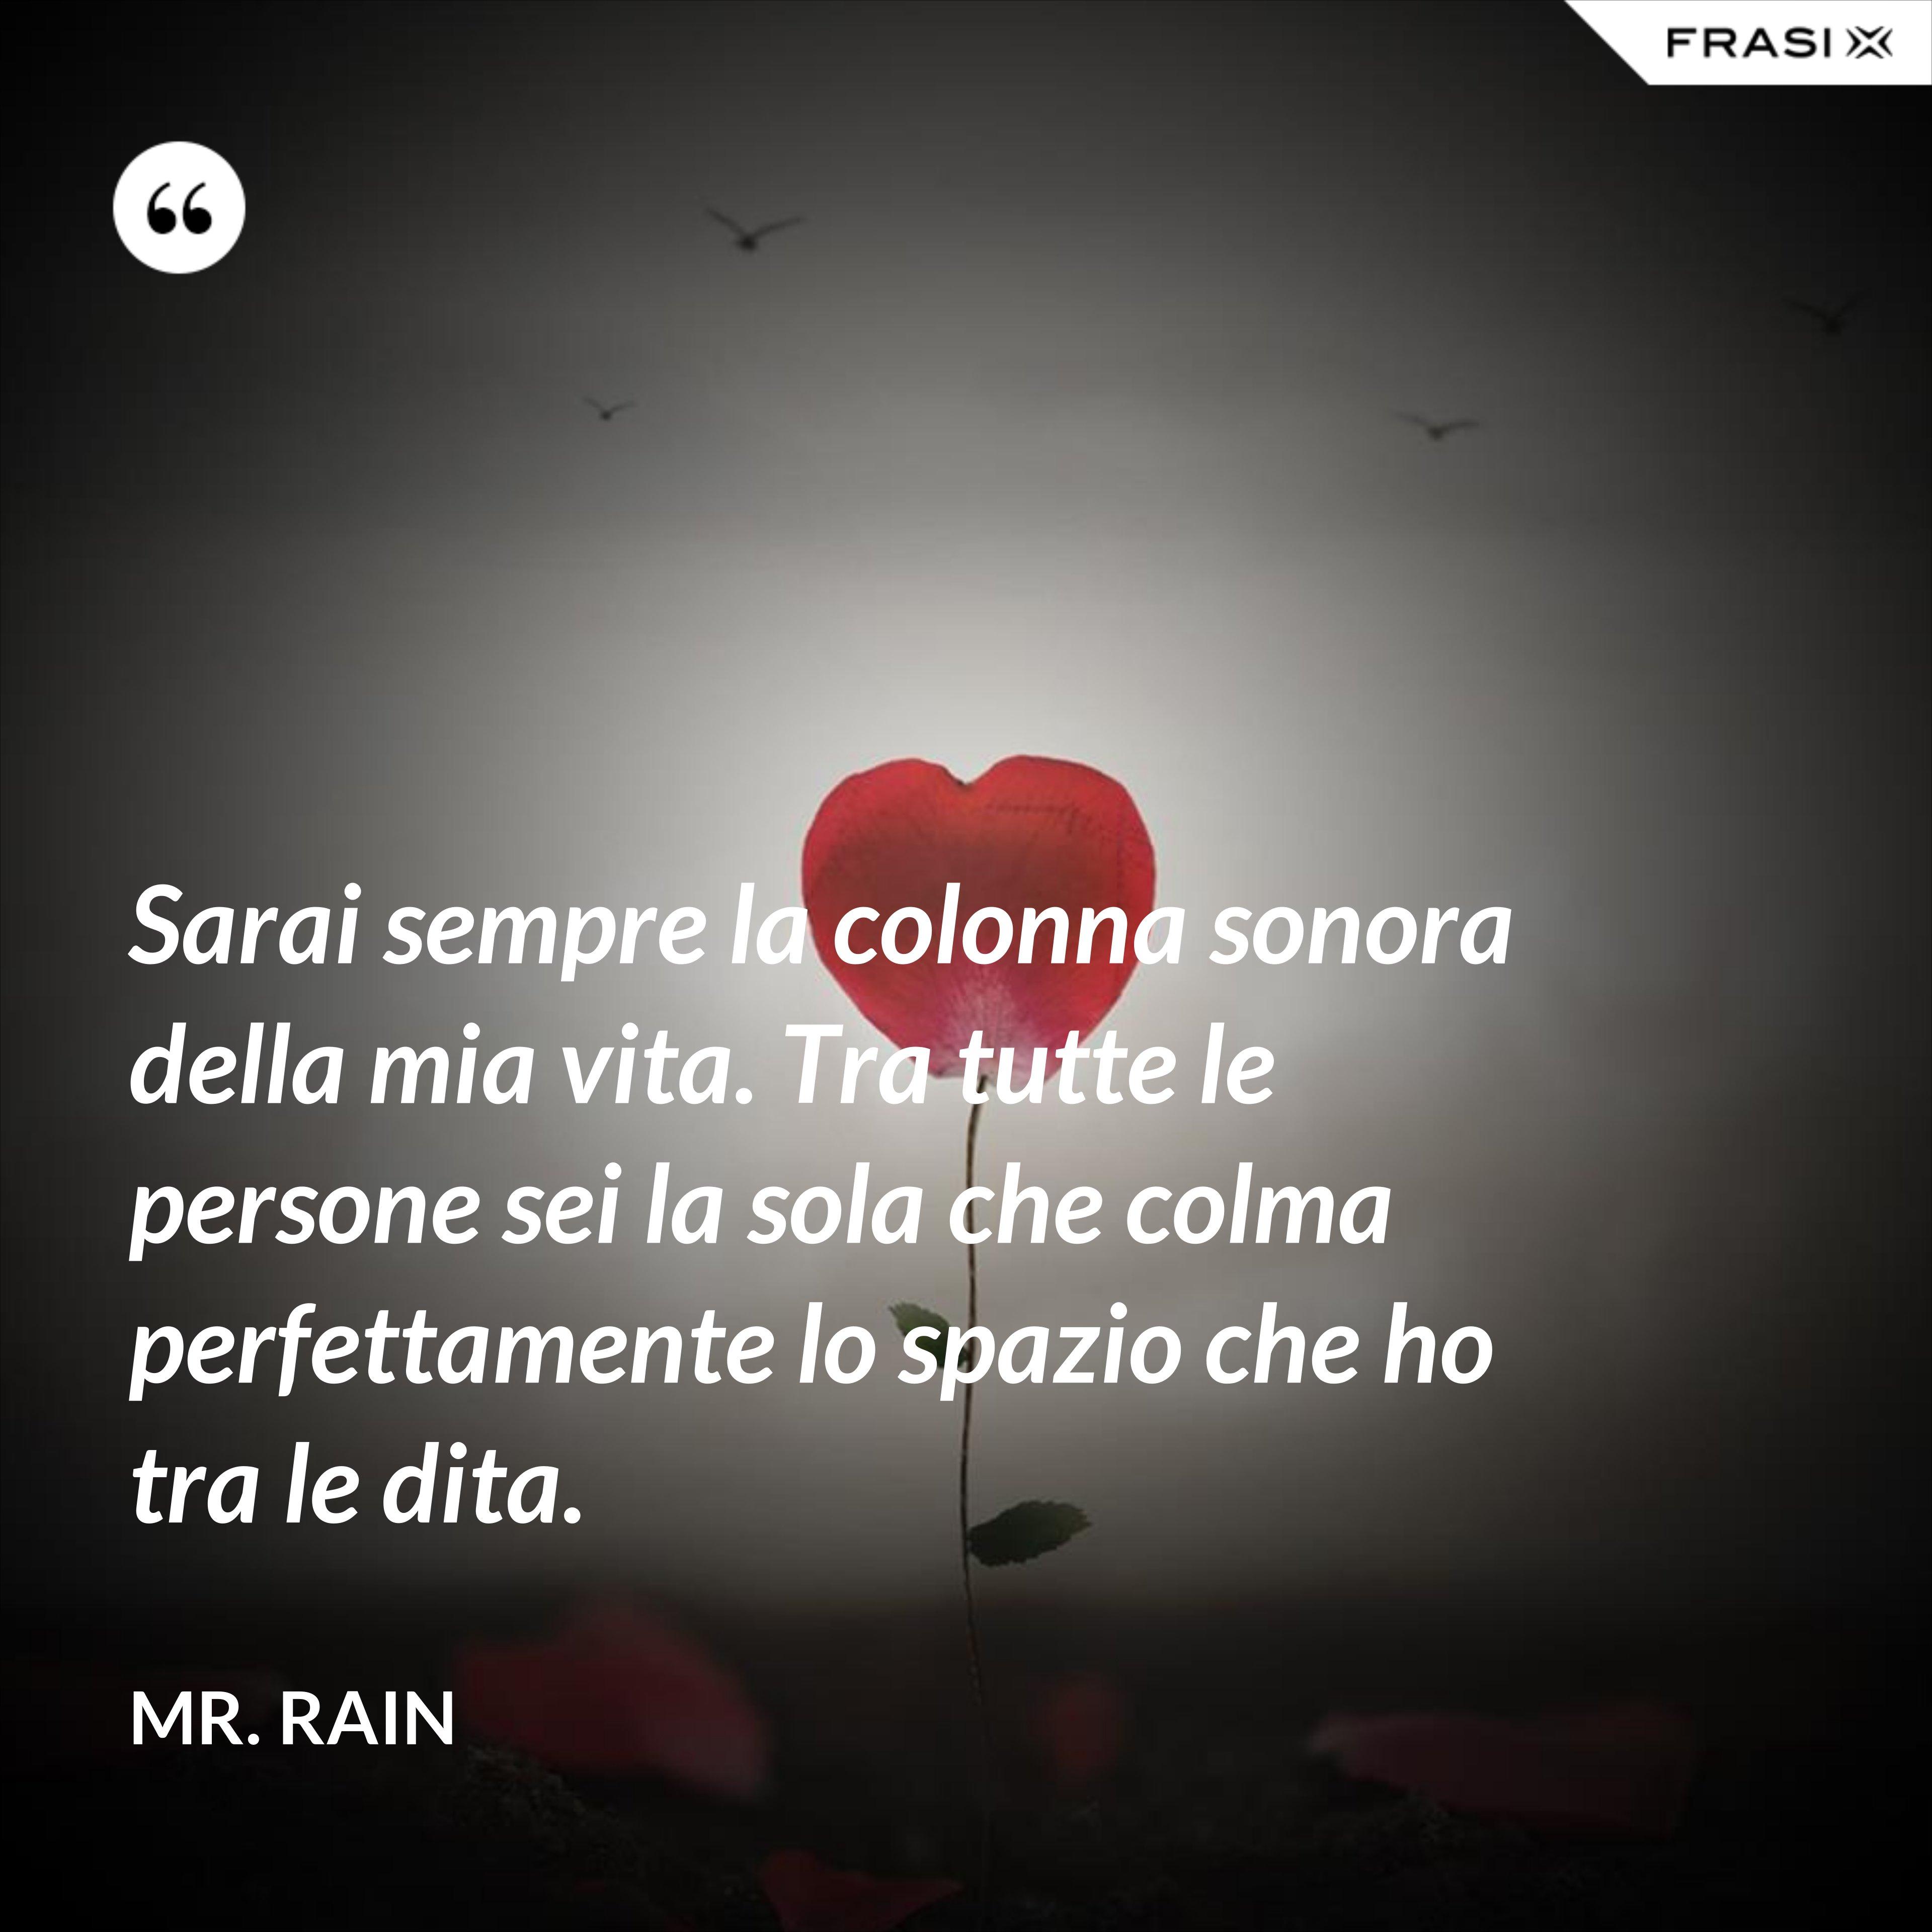 Sarai sempre la colonna sonora della mia vita. Tra tutte le persone sei la sola che colma perfettamente lo spazio che ho tra le dita. - Mr. Rain